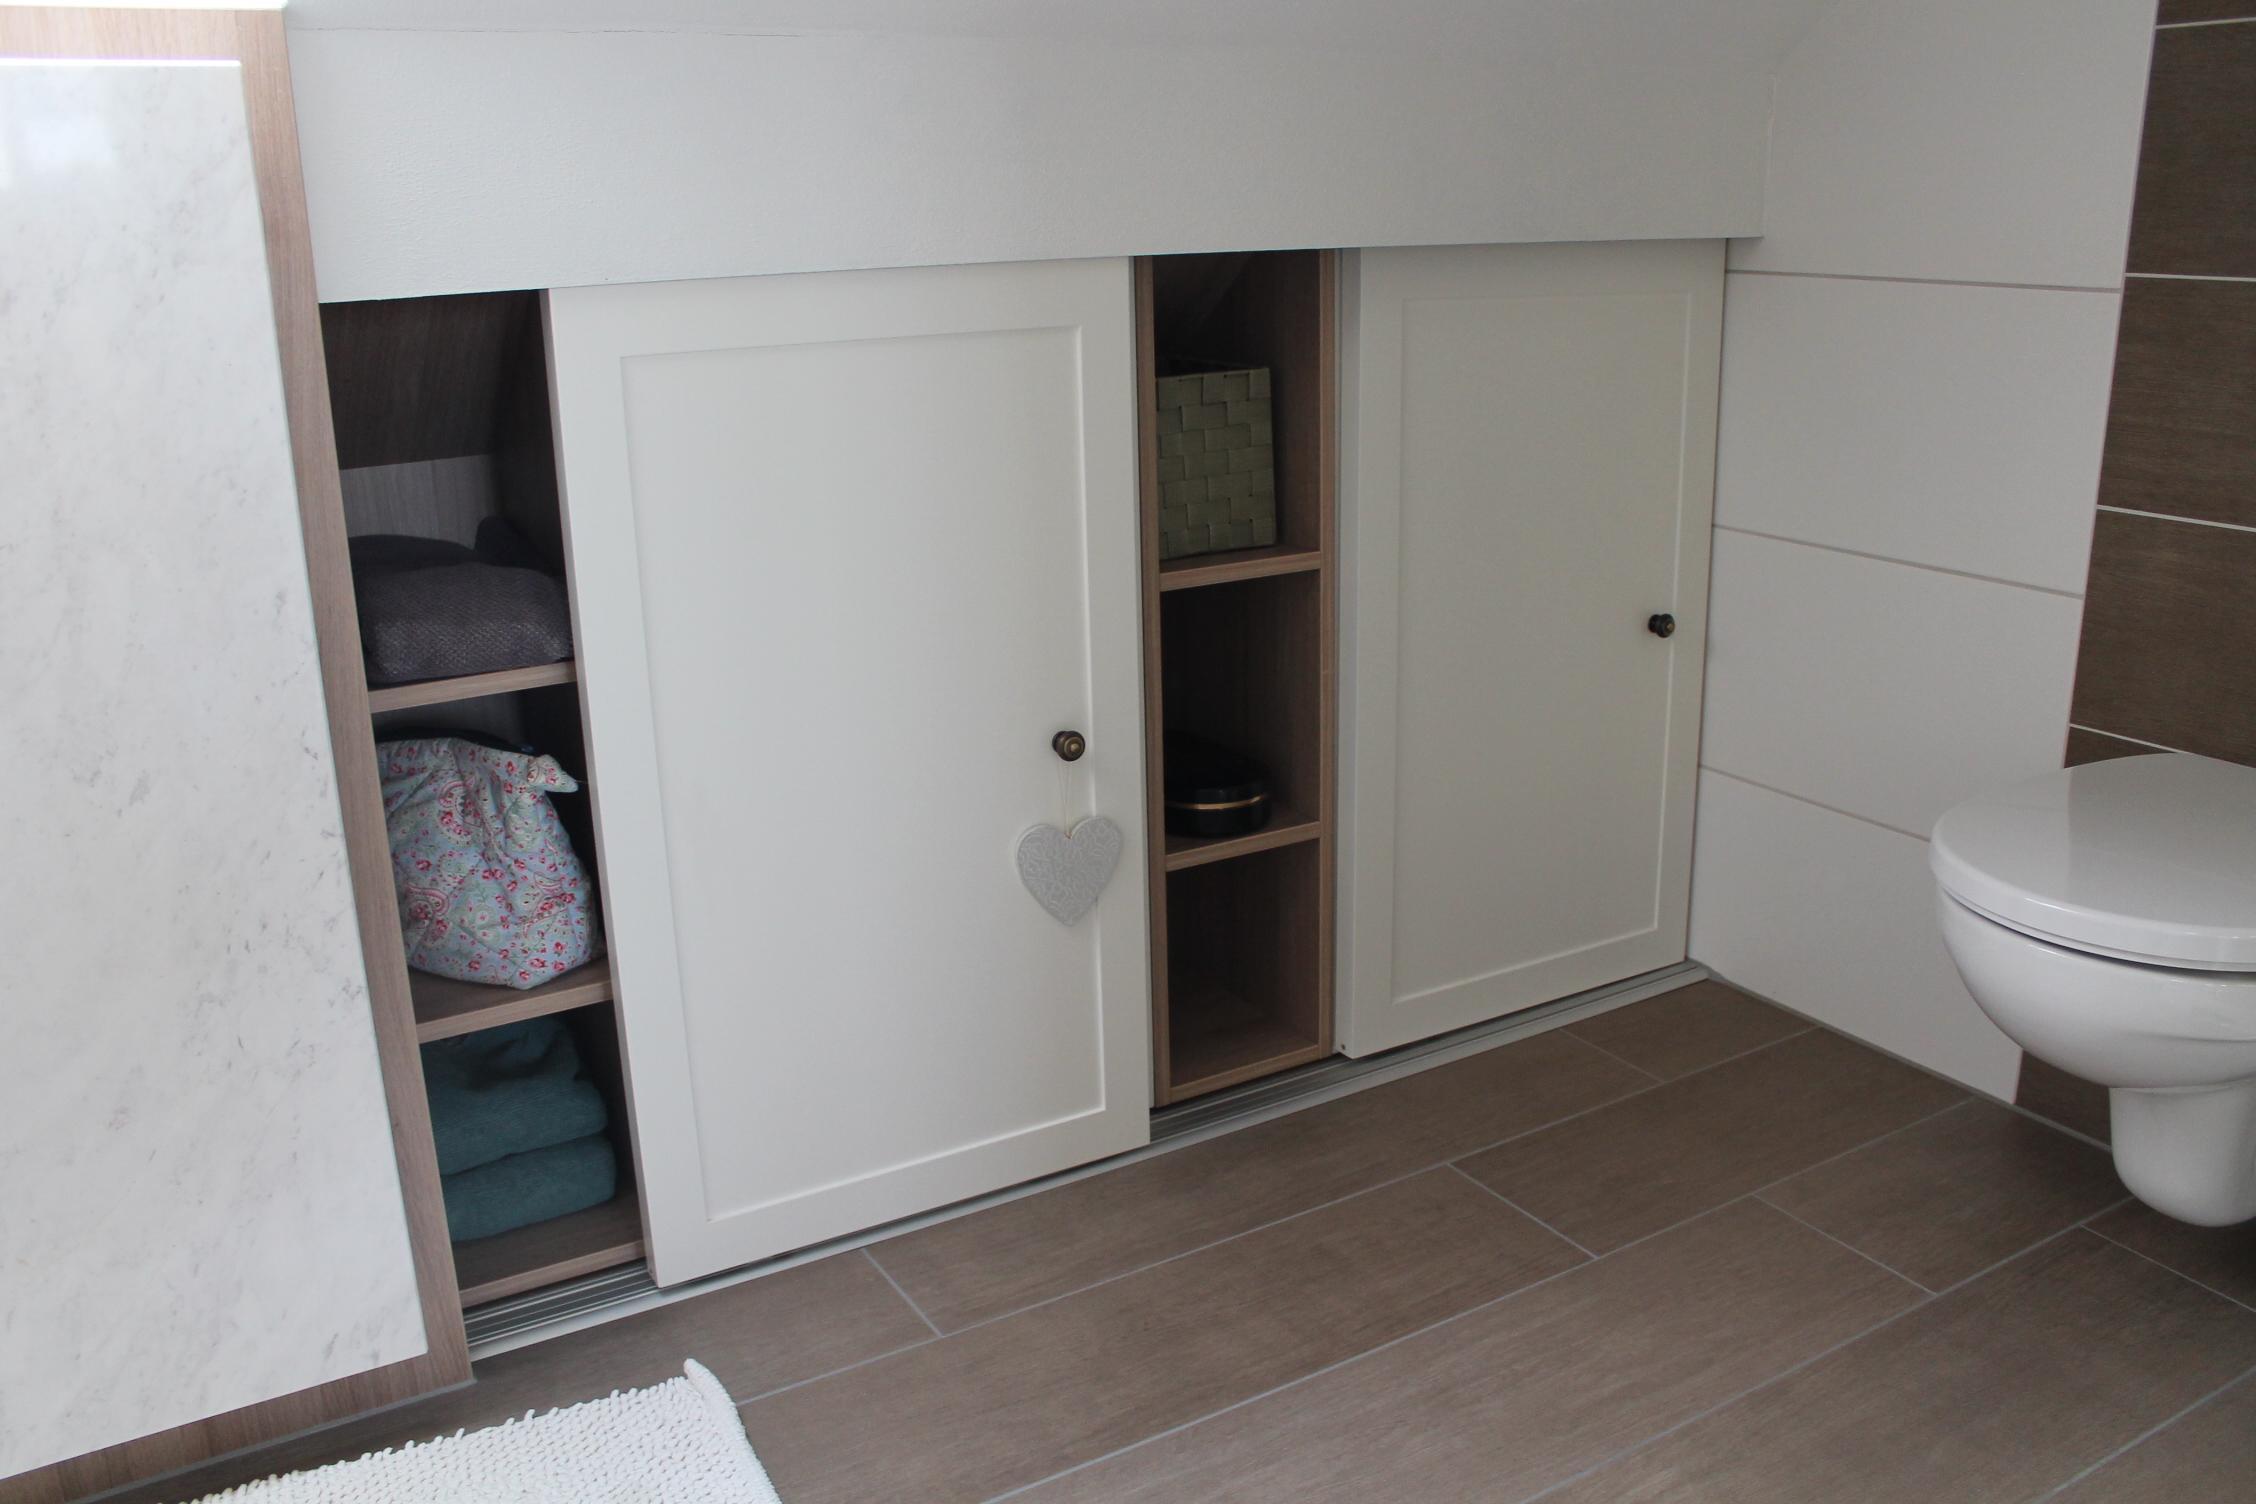 badezimmer schiebet r bilder ideen couchstyle. Black Bedroom Furniture Sets. Home Design Ideas